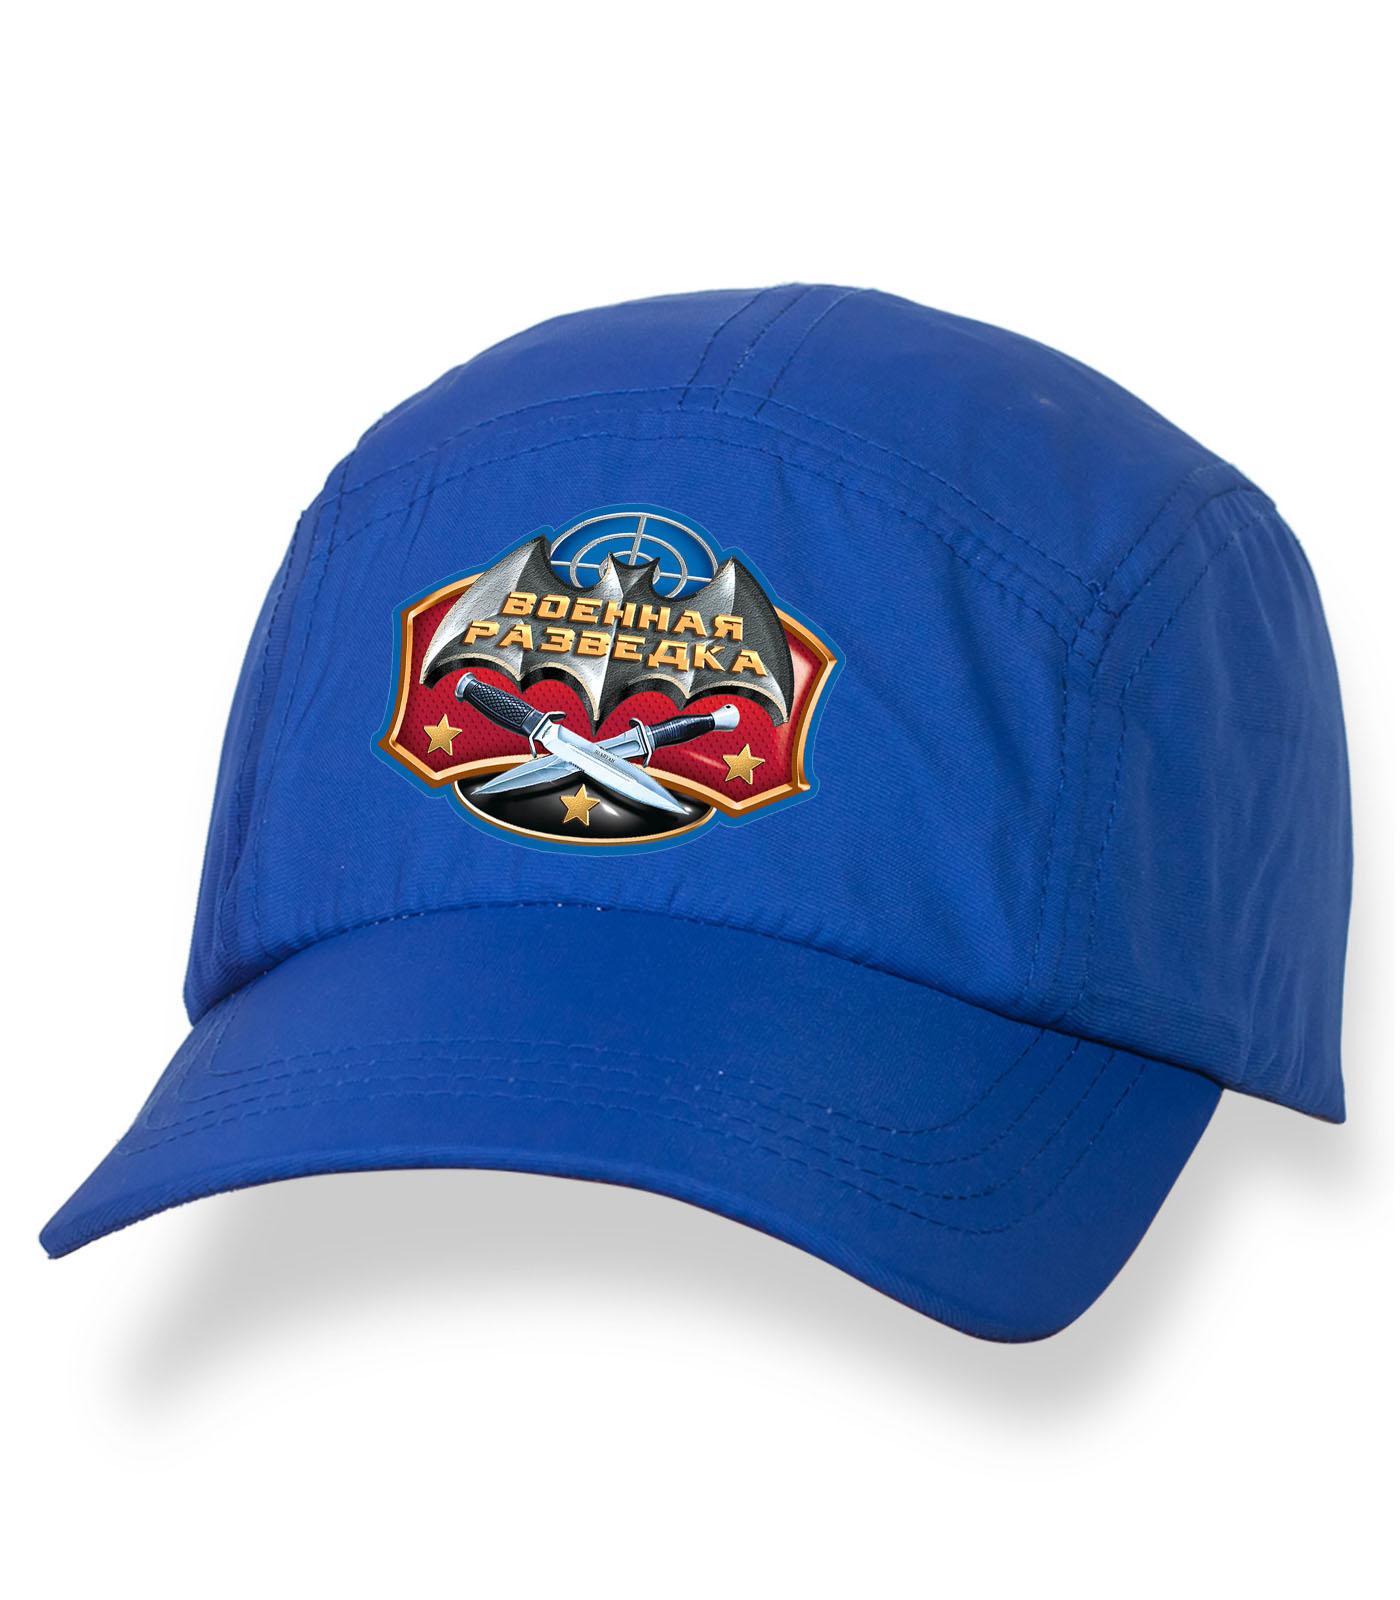 Оригинальная синяя бейсболка с термонаклейкой ВОЕННАЯ РАЗВЕДКА